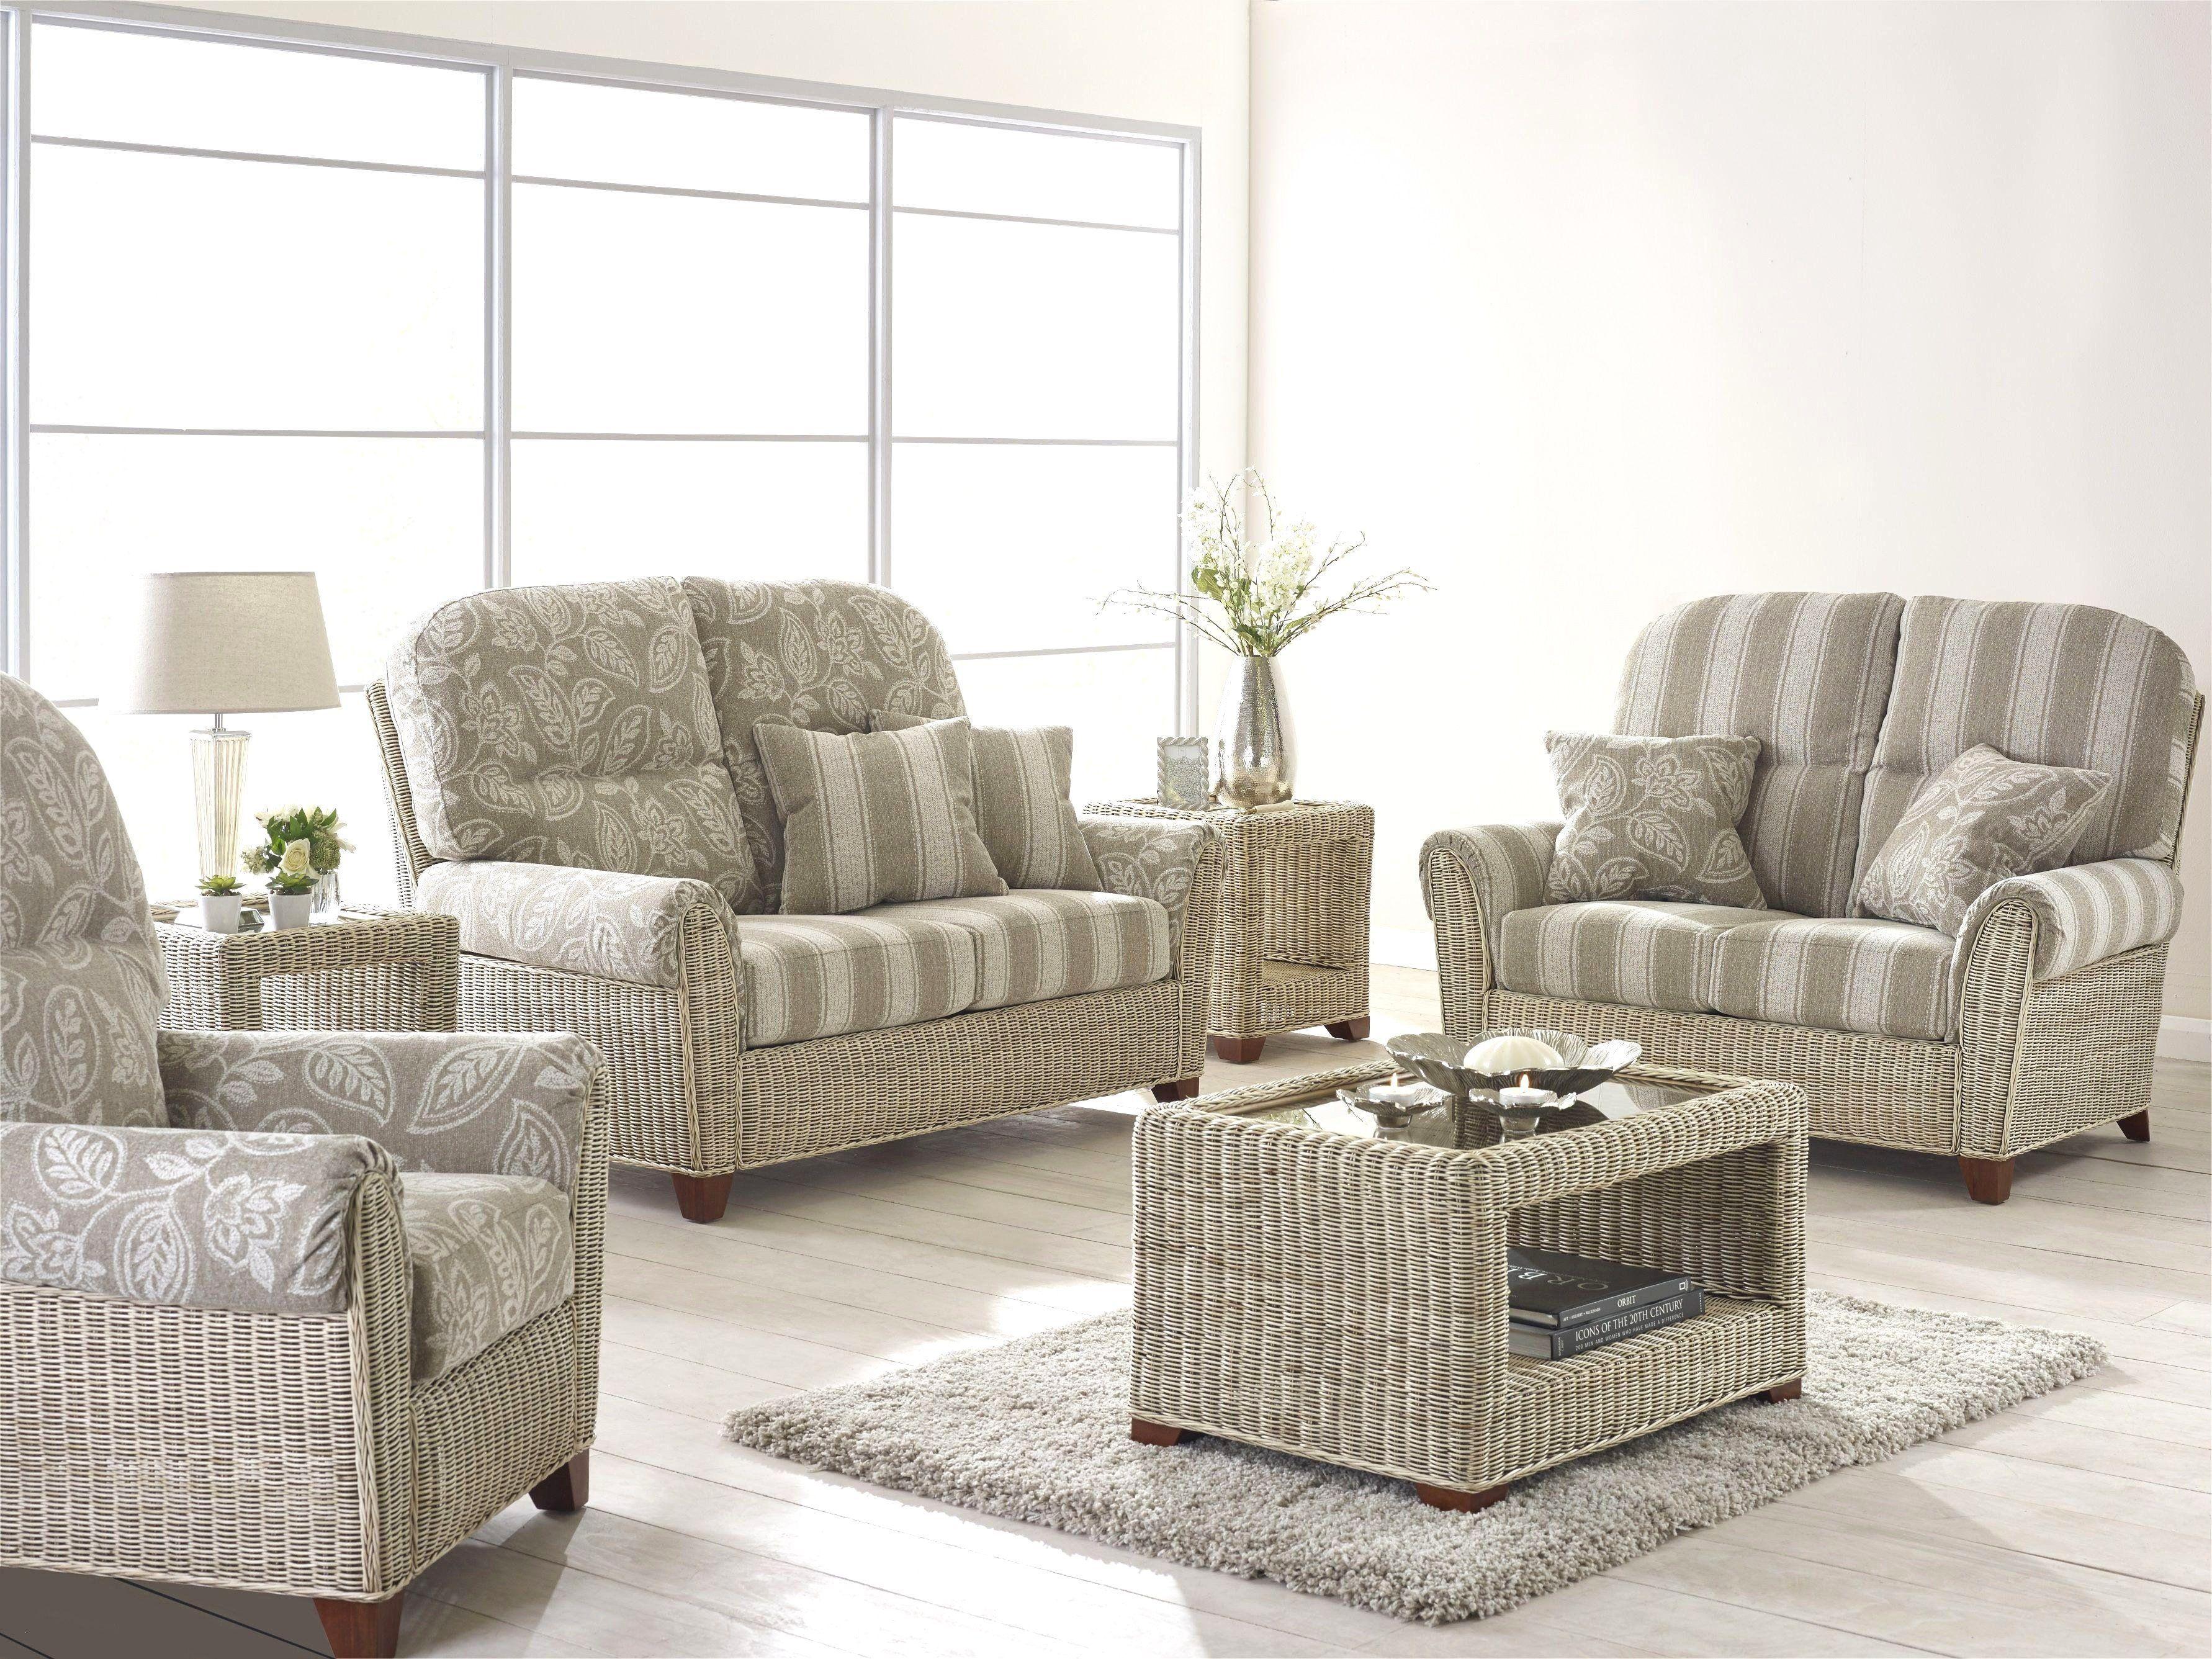 Wohnzimmer Couch Poco Home Design Di 2019